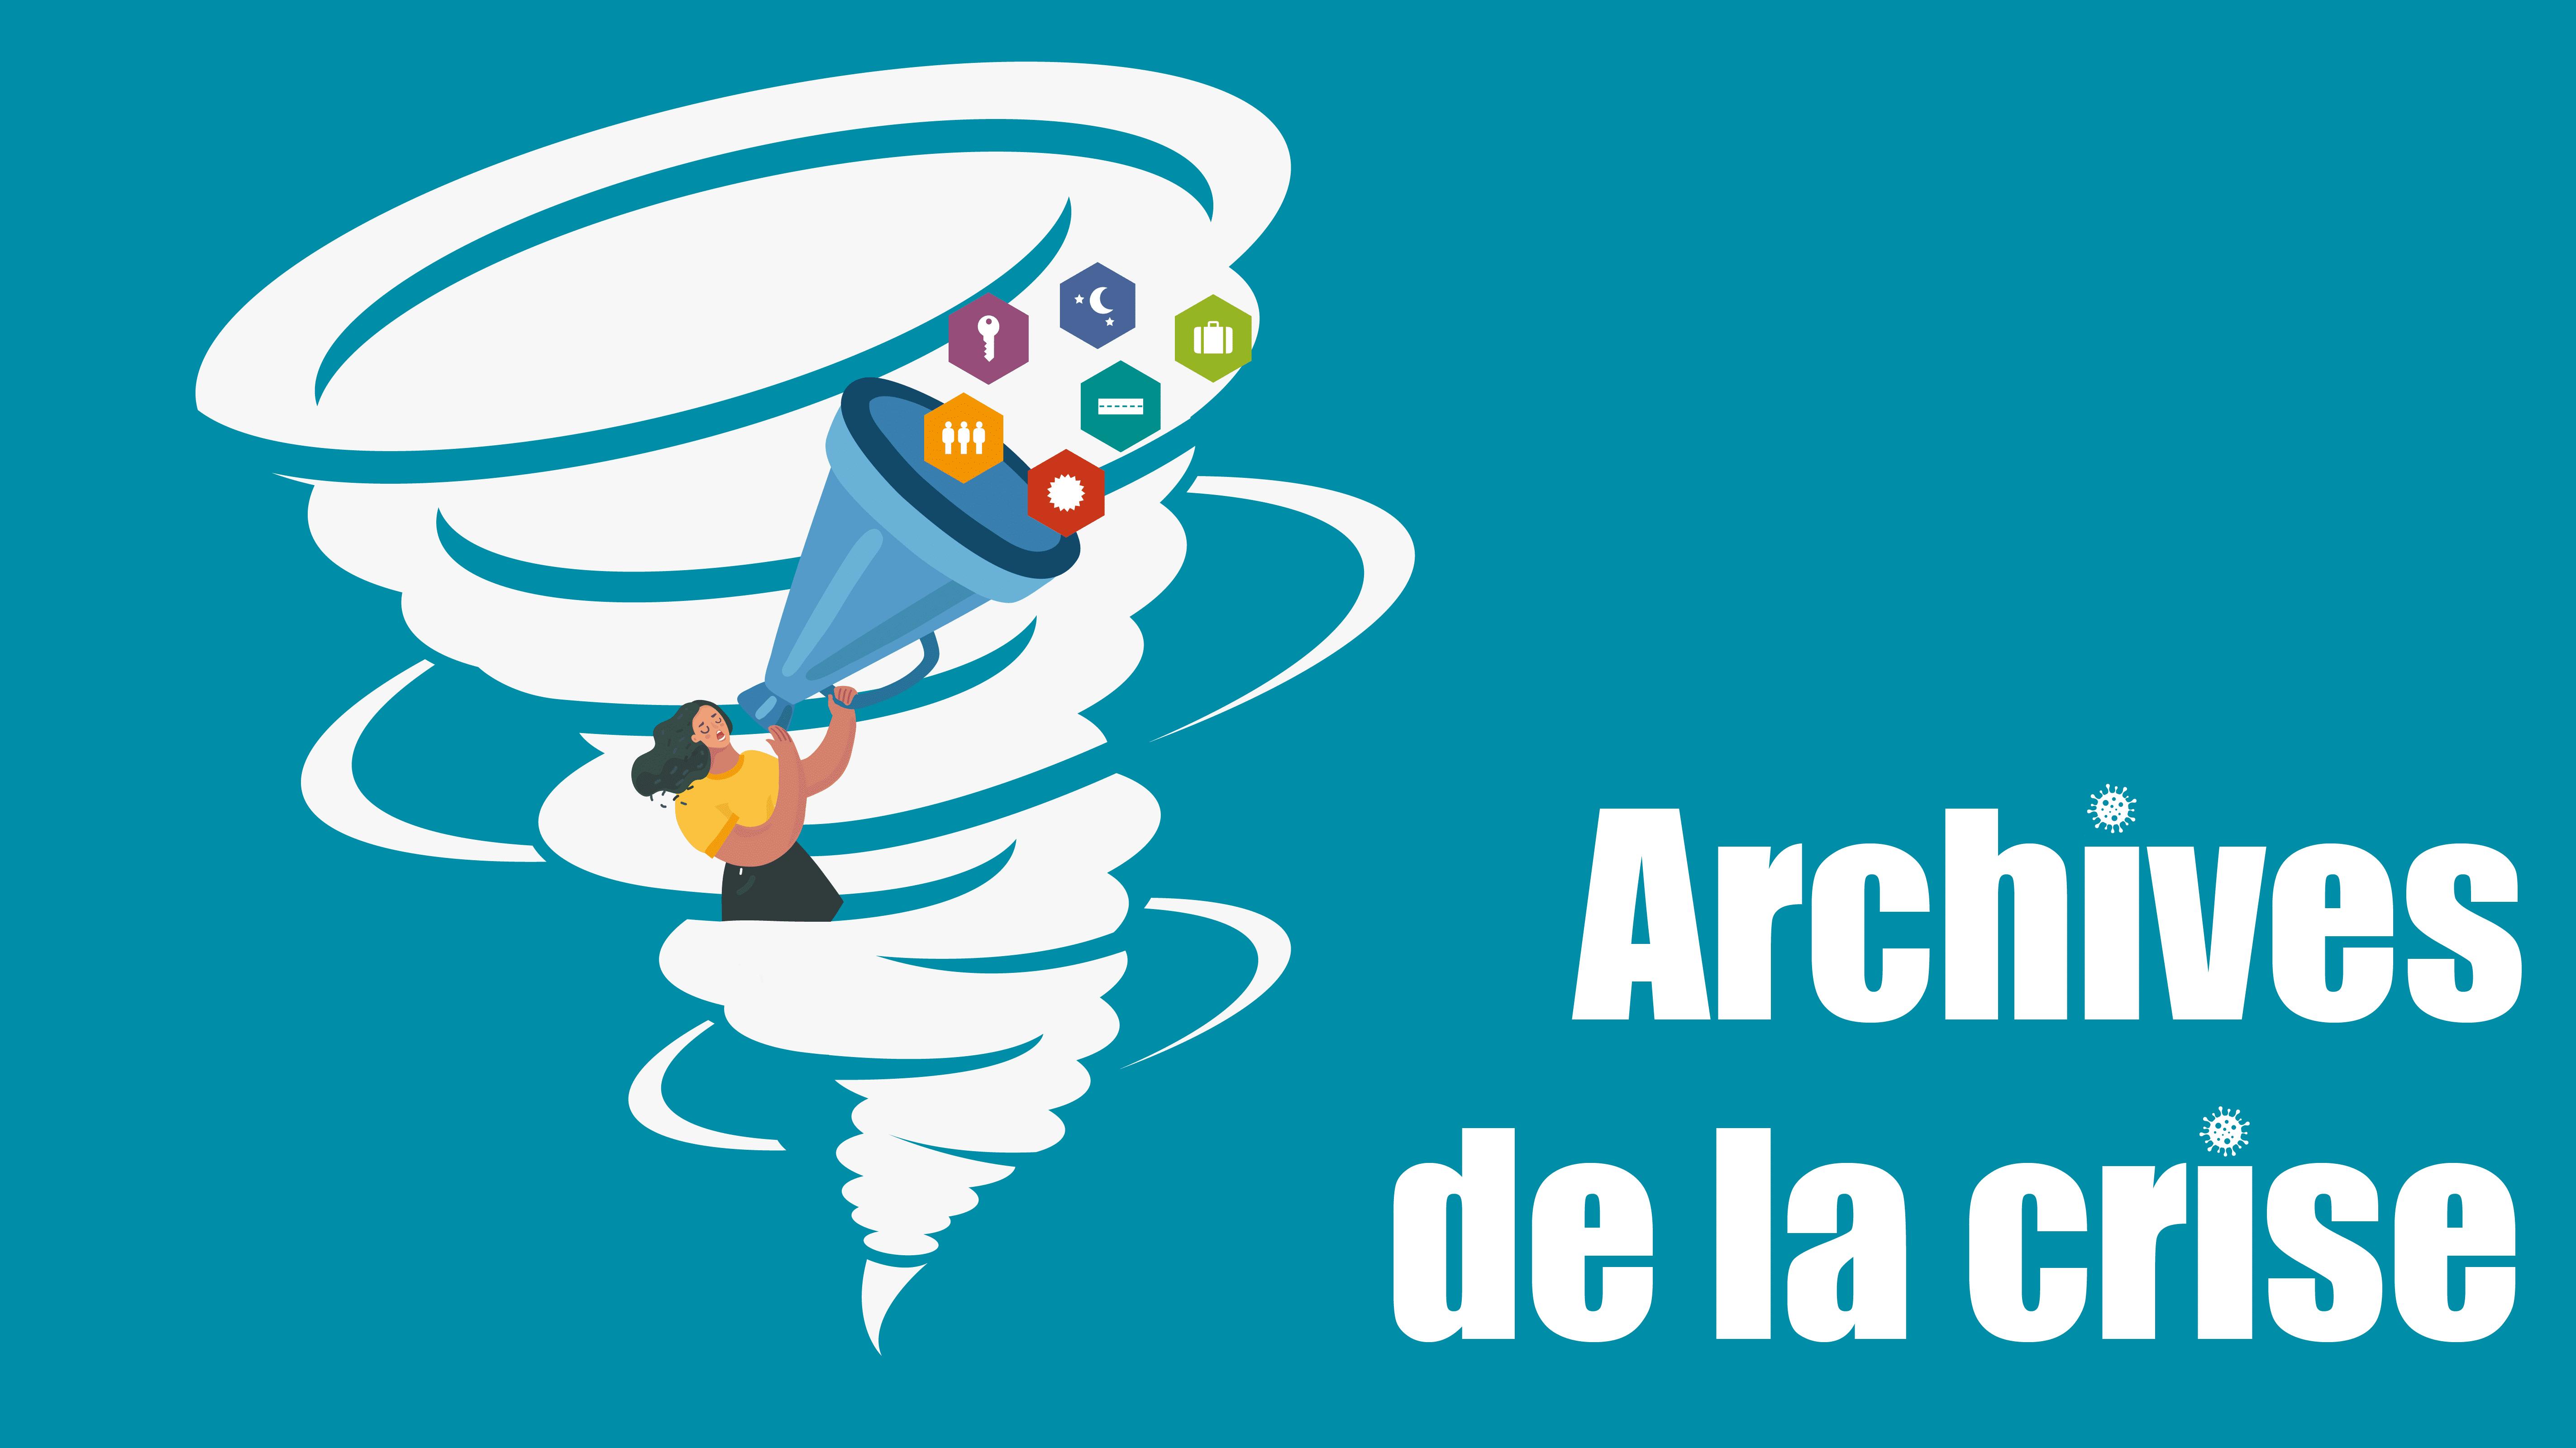 Archives crise